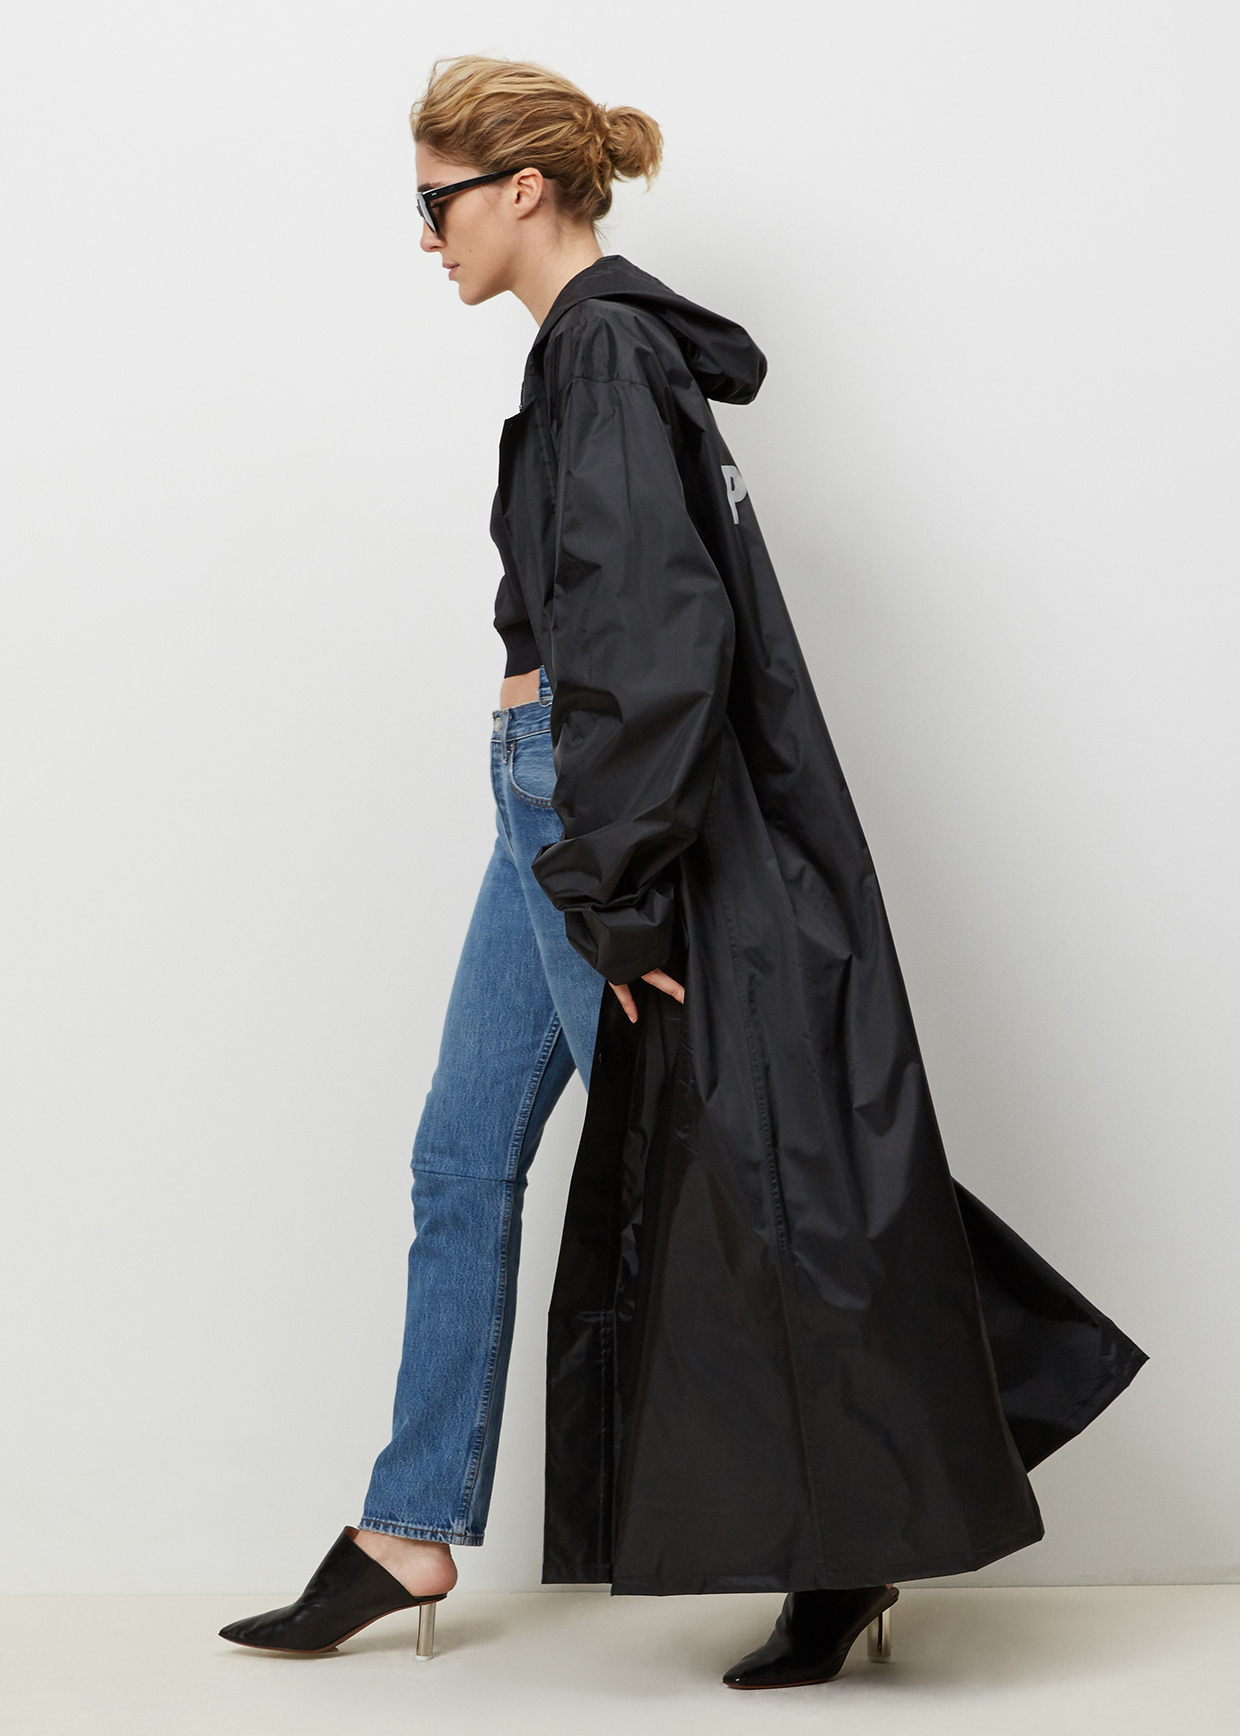 Vetements Black Long Hooded Raincoat in Black | Lyst